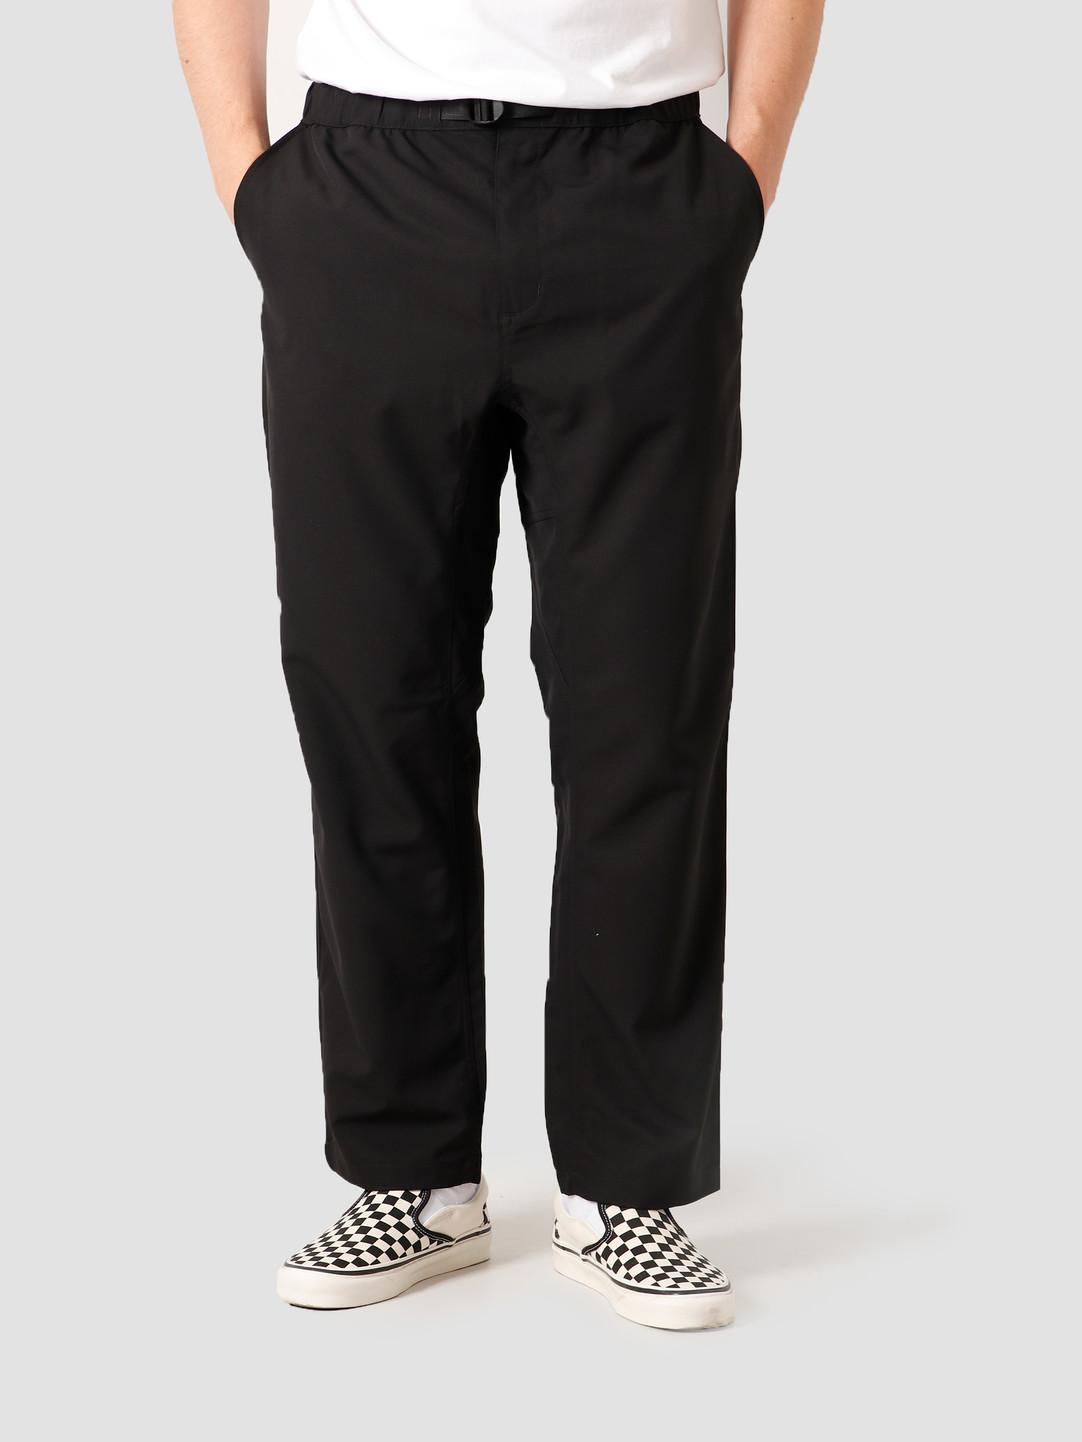 Carhartt WIP Carhartt WIP Copeman Pant Black I027684-8900